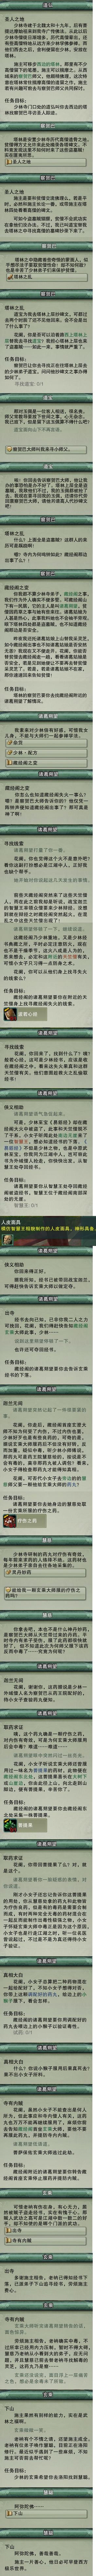 非少林弟子任务02 - 察巴贺与易筋经丢失.jpg